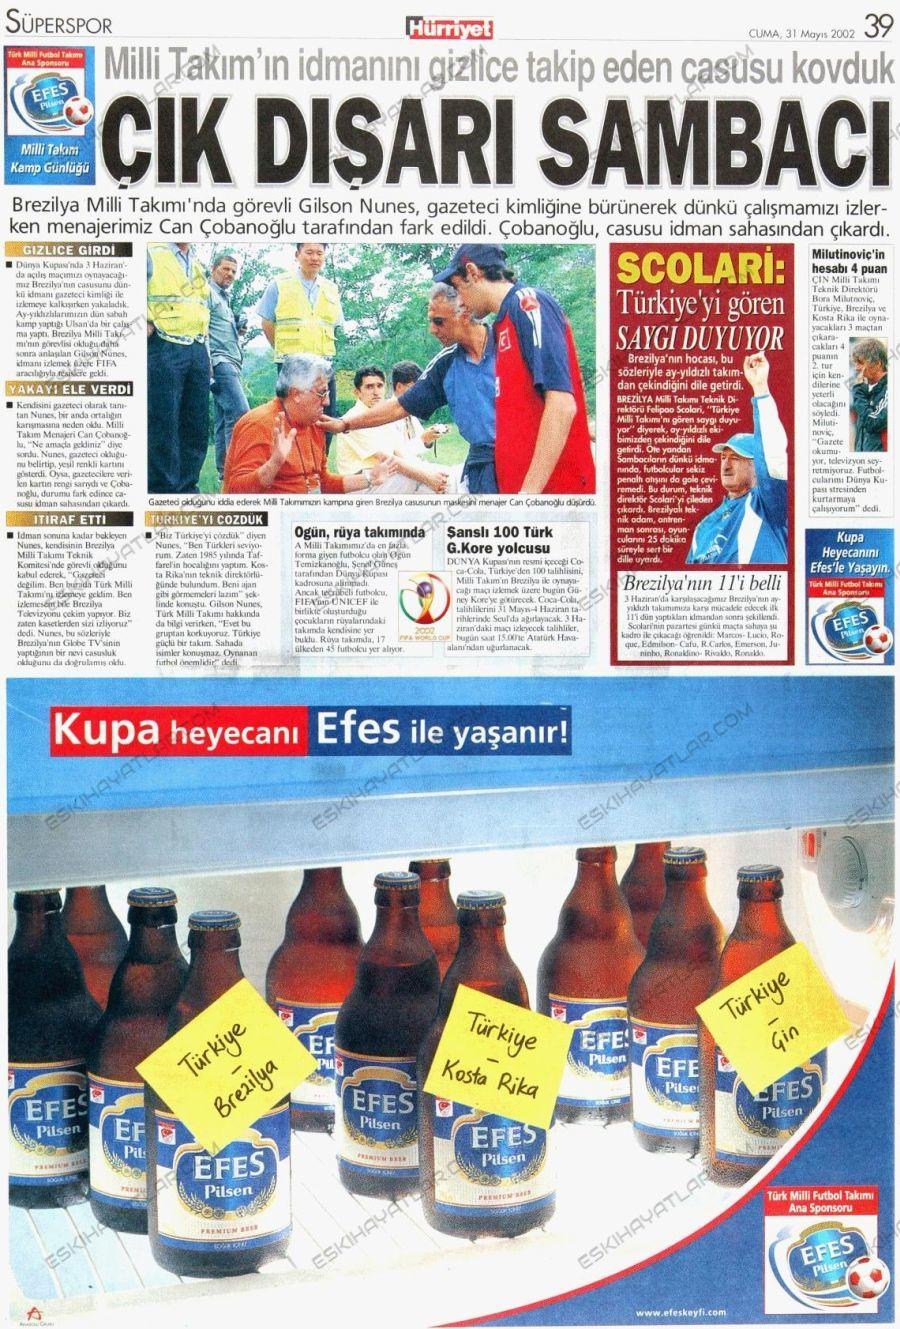 0406-turkiye-a-milli-takimi-2002-dunya-kupasi-hurriyet-gazetesi-kupa-heyecani-efes-pilsen